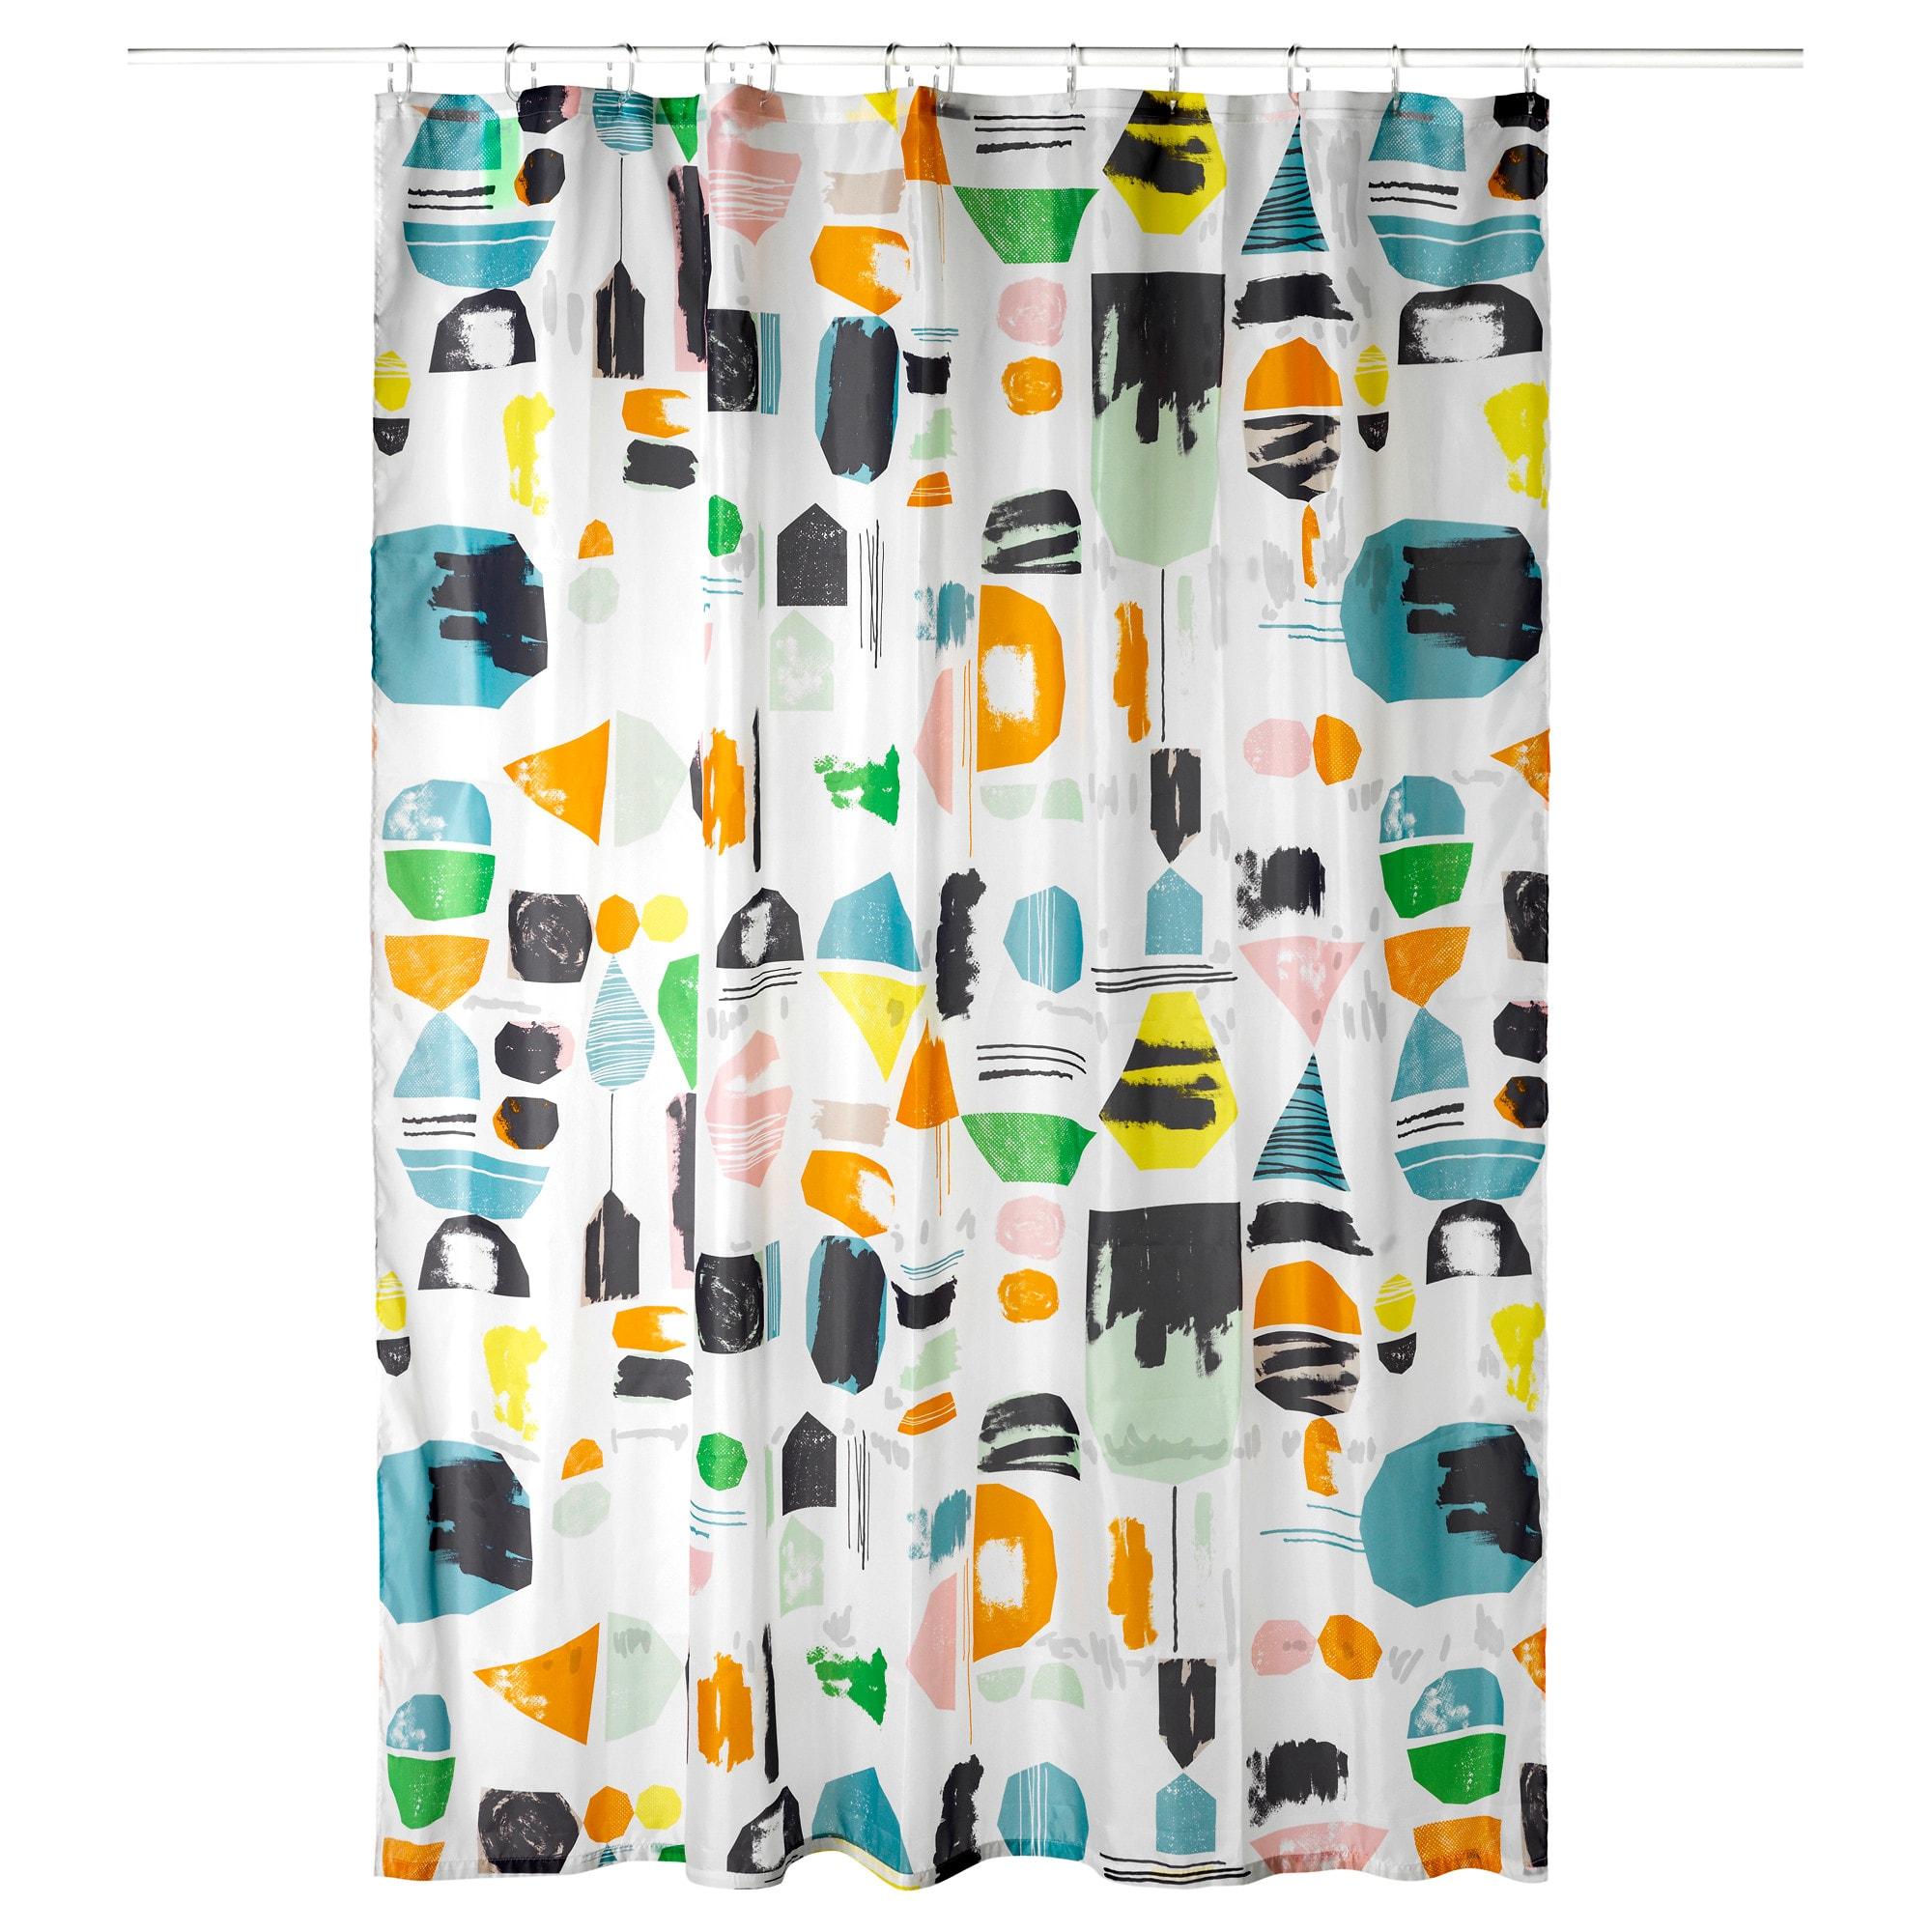 Штора для ванной ДОФТКЛИНТ разноцветный артикуль № 403.705.65 в наличии. Online сайт IKEA Минск. Недорогая доставка и соборка.